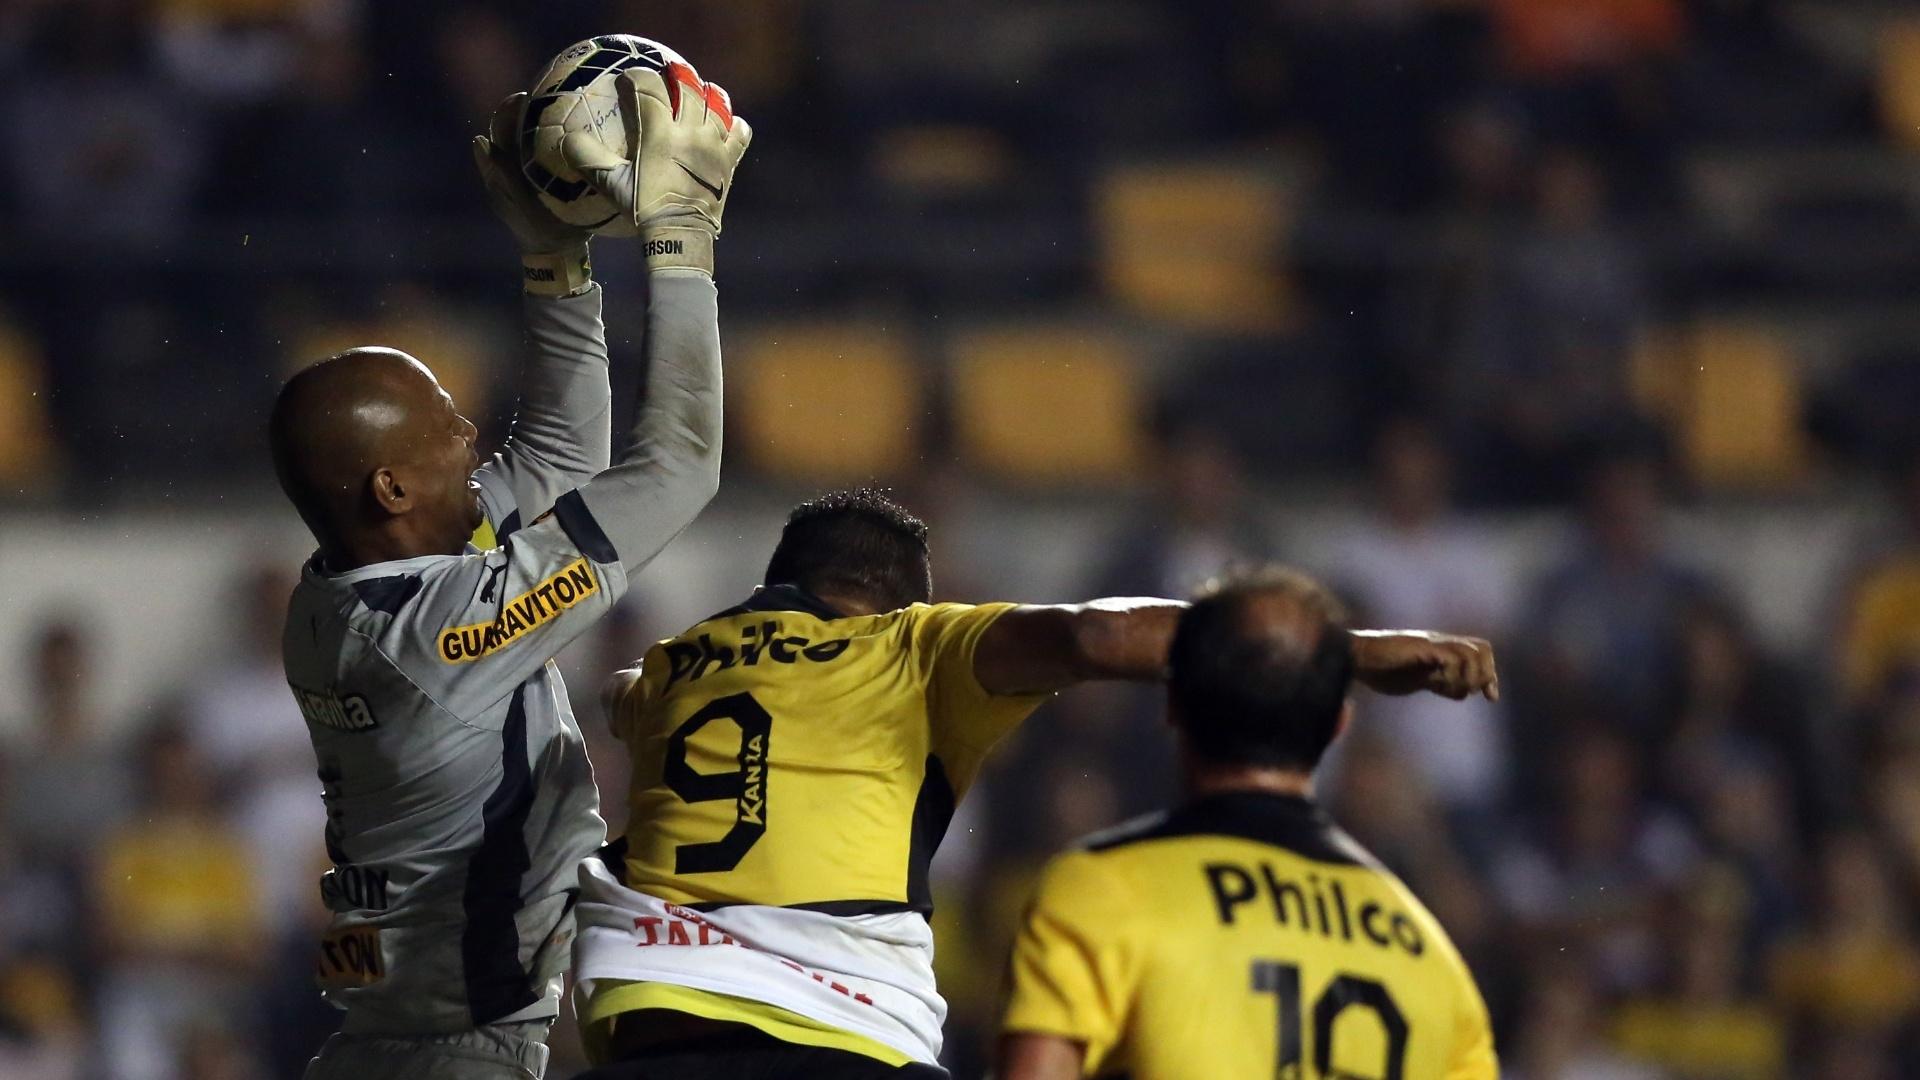 Jefferson sobe mais que todos para ficar com a bola na partida entre Botafogo e Criciúma, pelo Campeonato Brasileiro